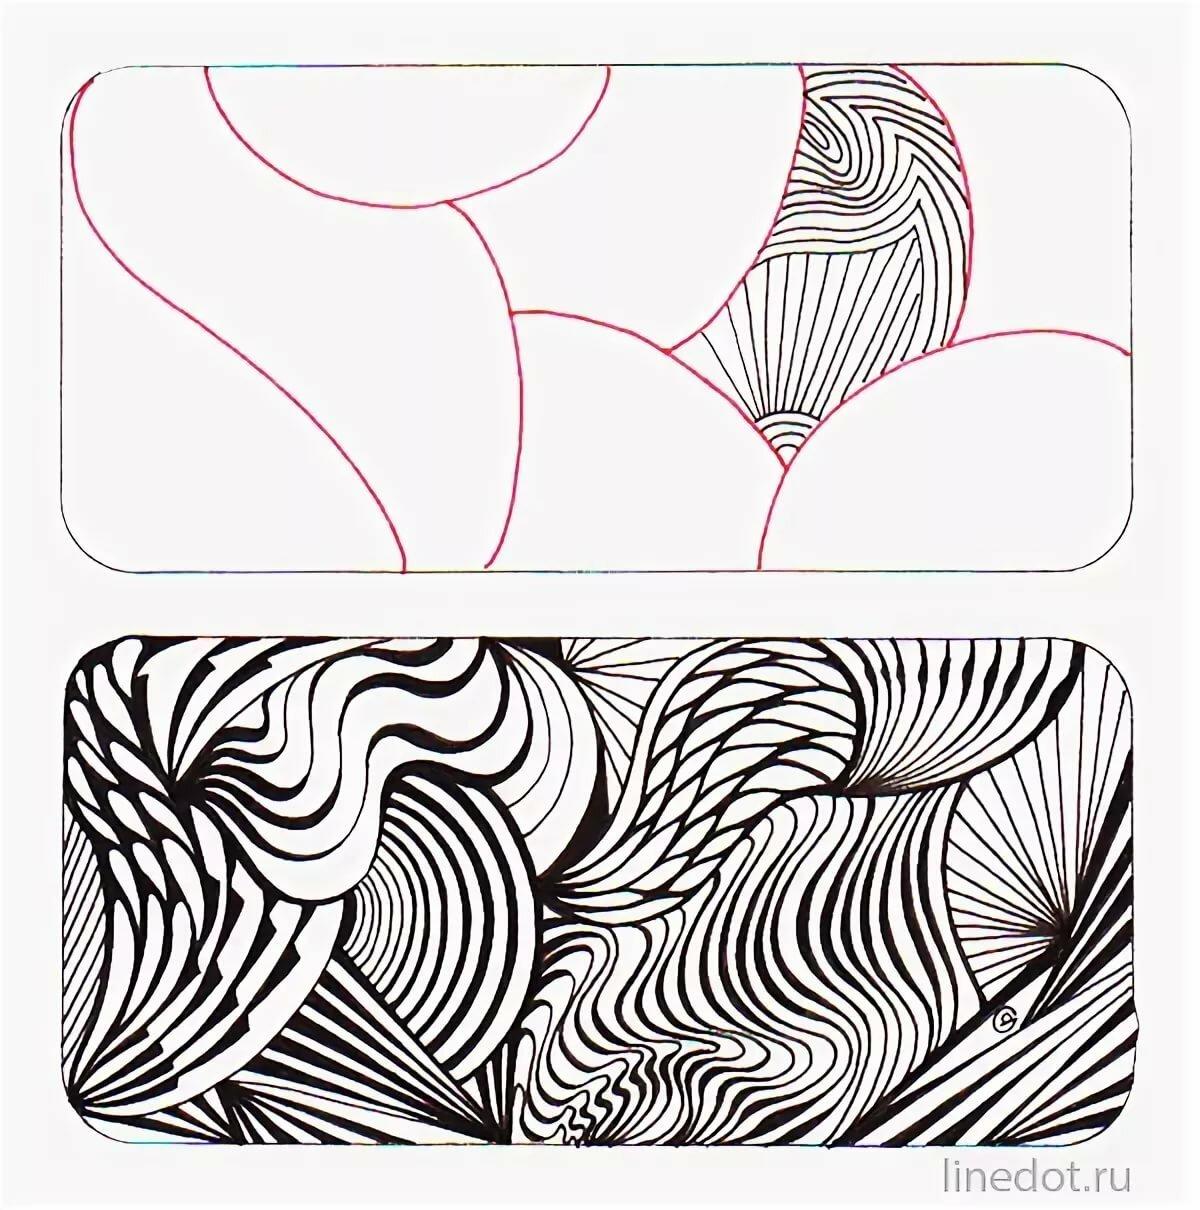 рисунки из линий карандашом толстые и тонкие сотовые